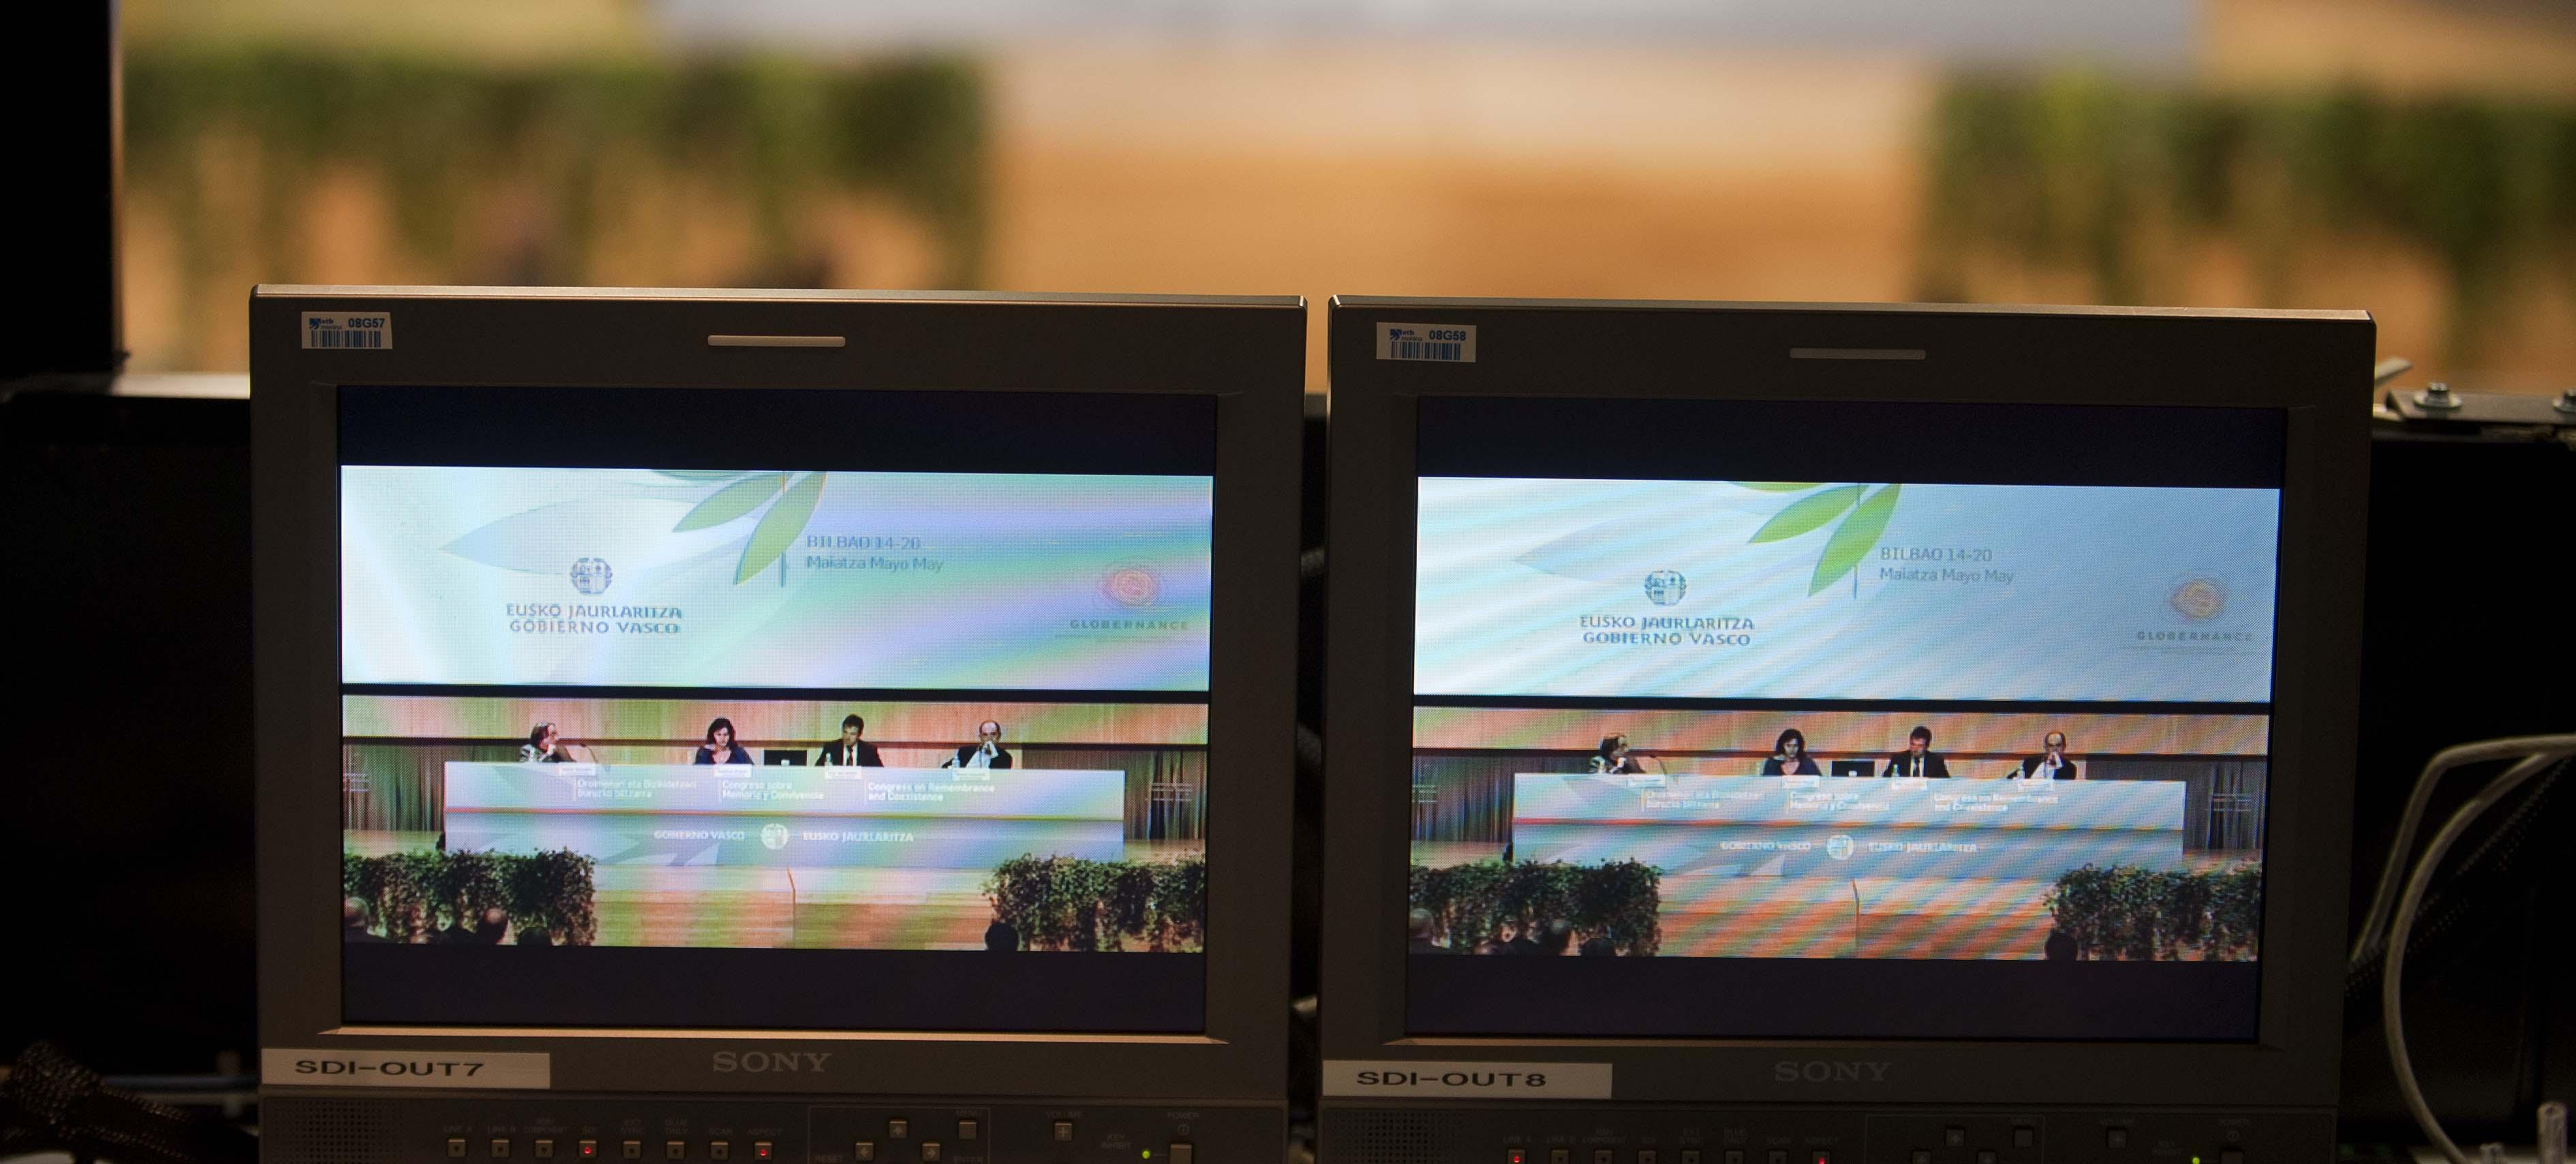 2012_05_18_congreso_memoria_convivencia_13.jpg